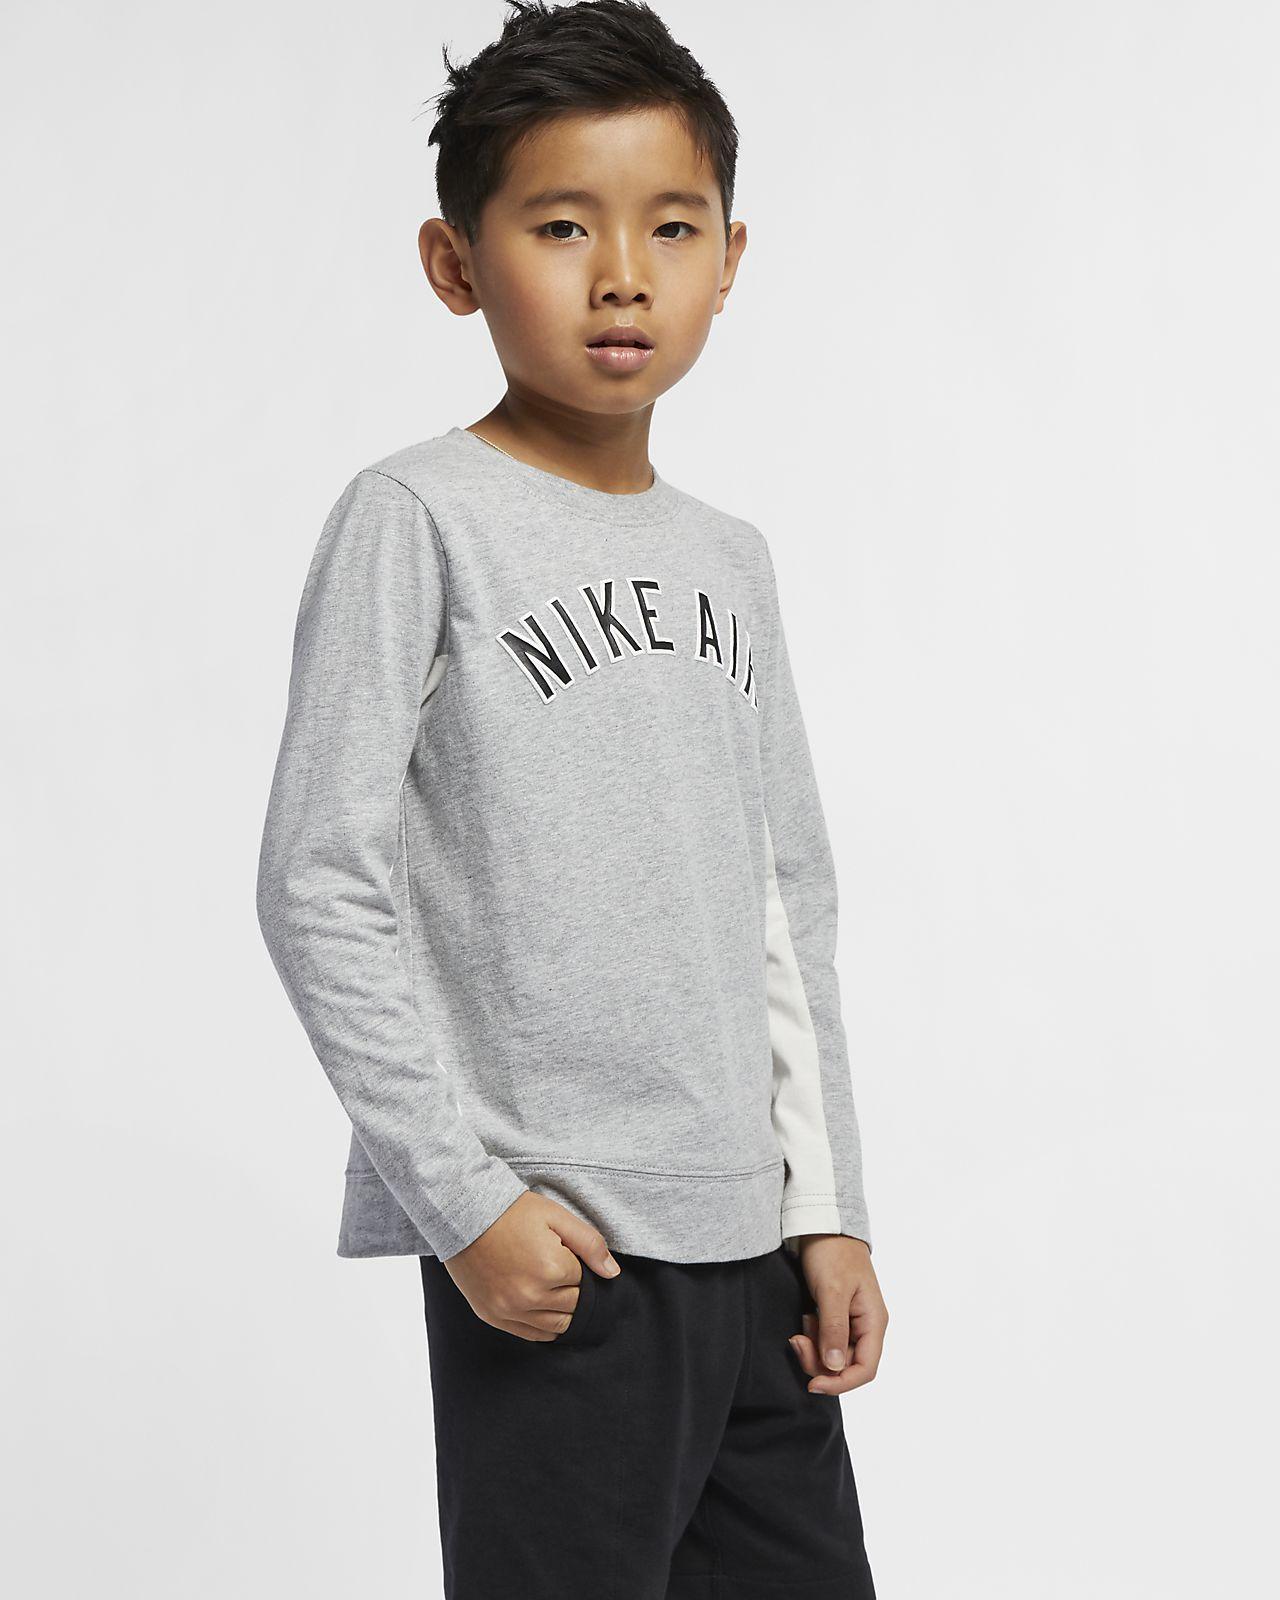 Nike Air Kleutertop met lange mouwen